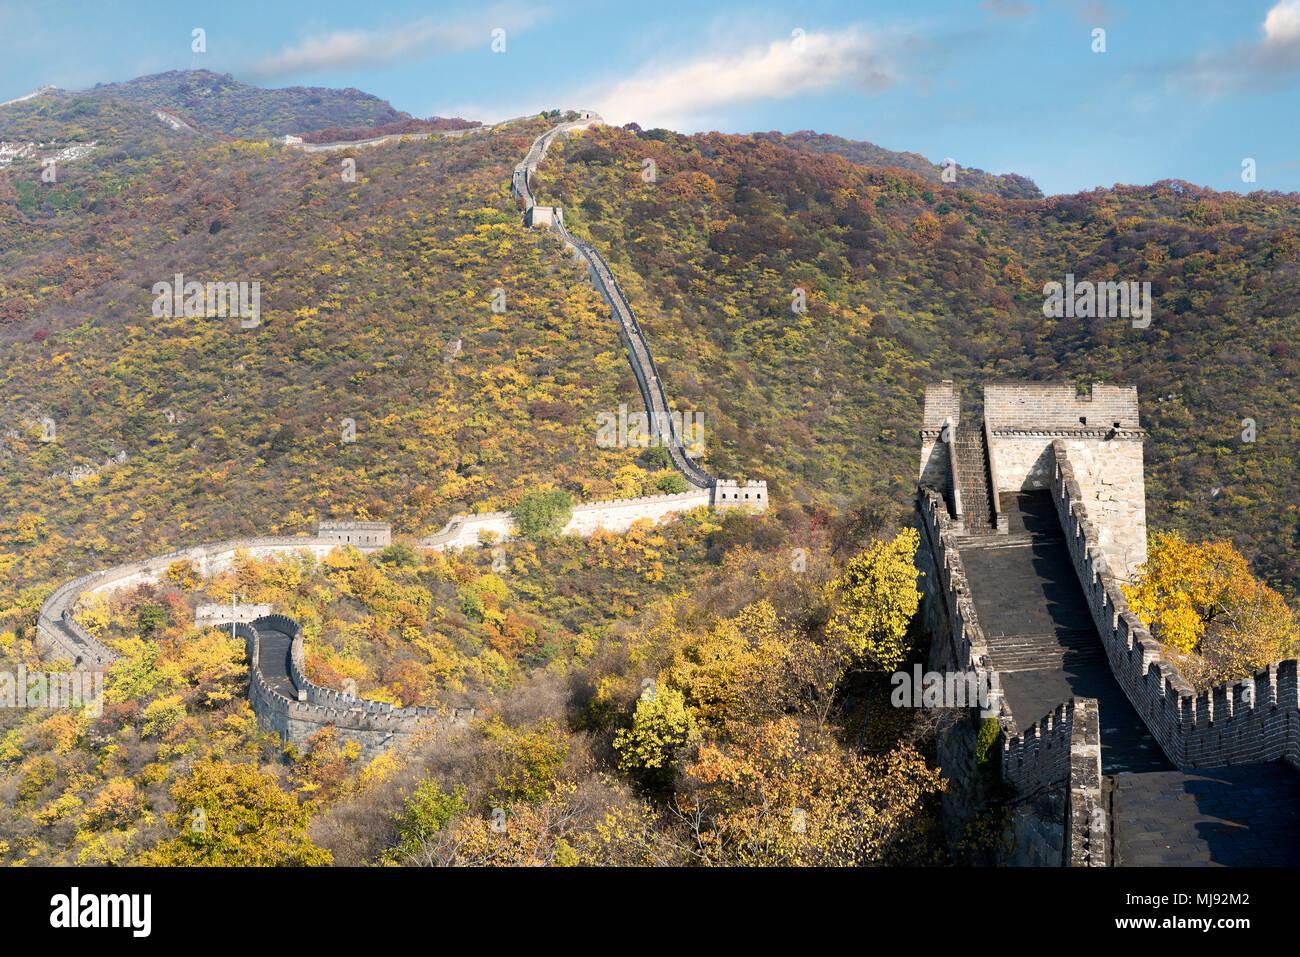 La gran muralla china vista lejana torres comprimido y segmentos de pared temporada de otoño en las montañas cerca de Beijing antigua fortificación militar chino l Imagen De Stock